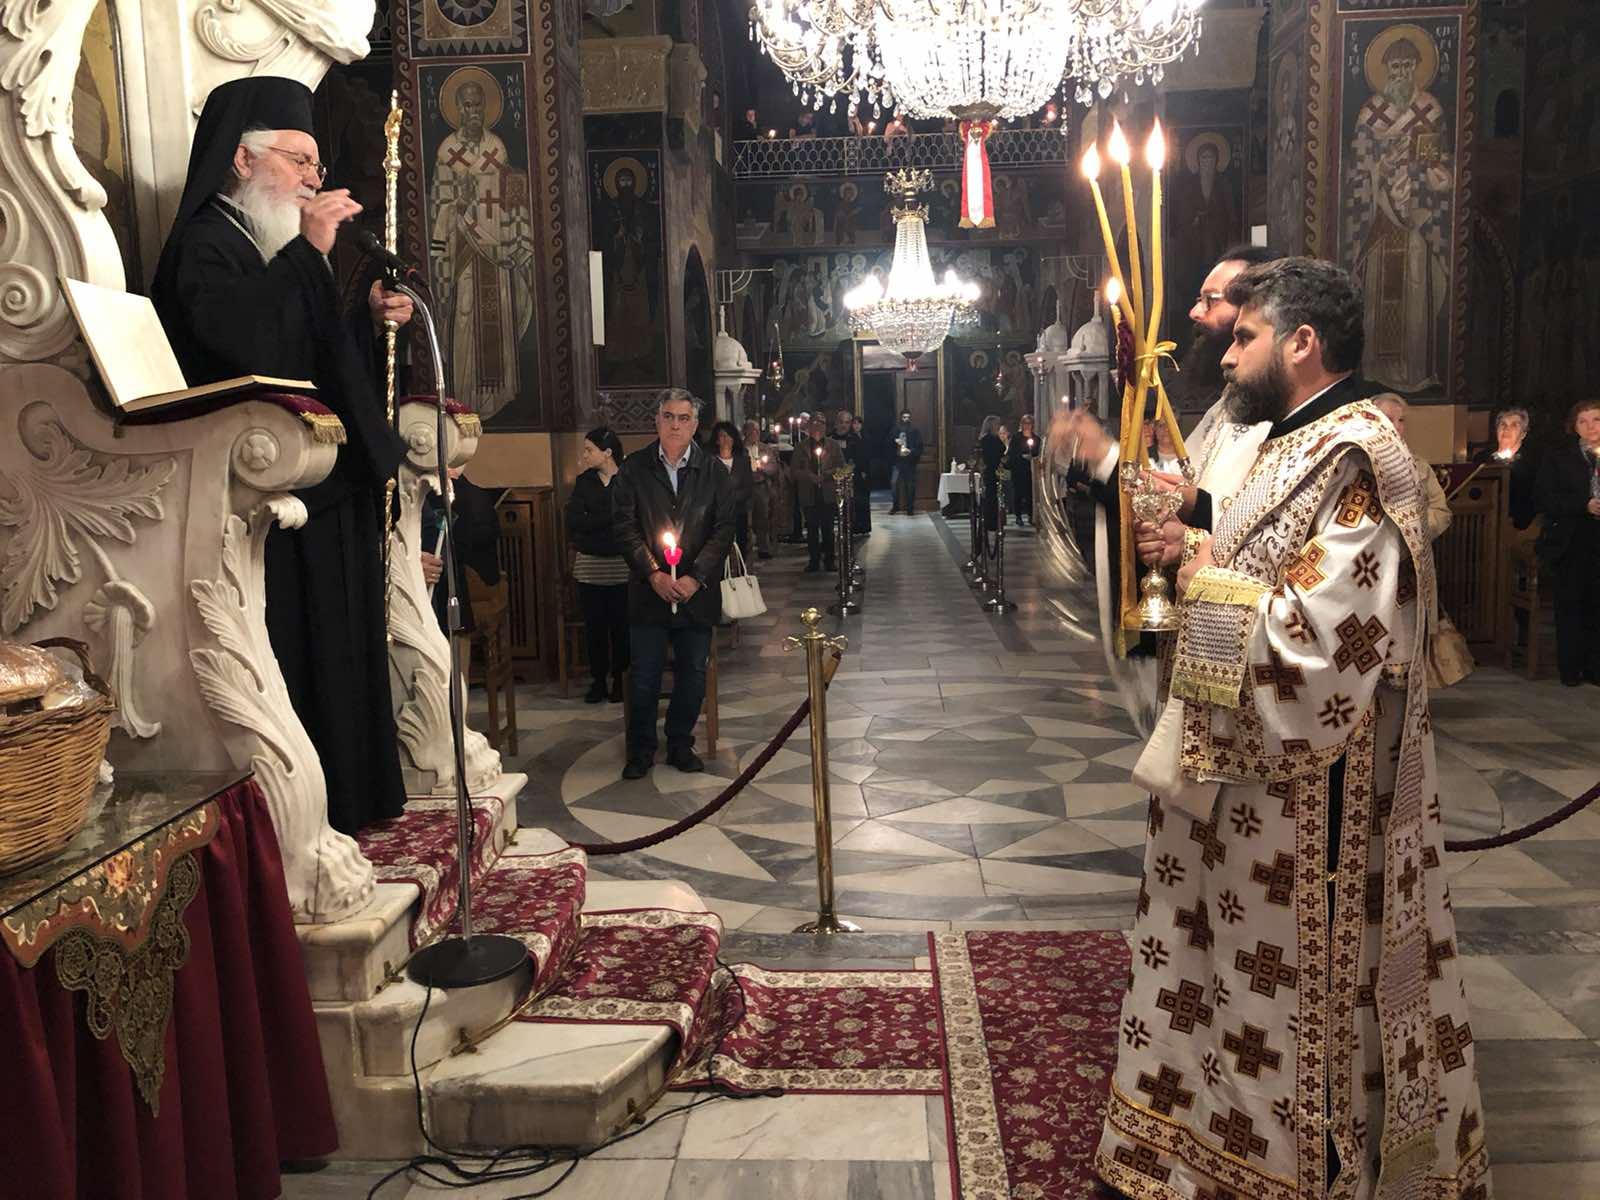 Ιερός Μητροπολιτικός Ναός Λεβαδείας:Αναστάσιμη Παννυχίδα για την Απόδοση της Εορτής του Πάσχα(ΦΩΤΟ)